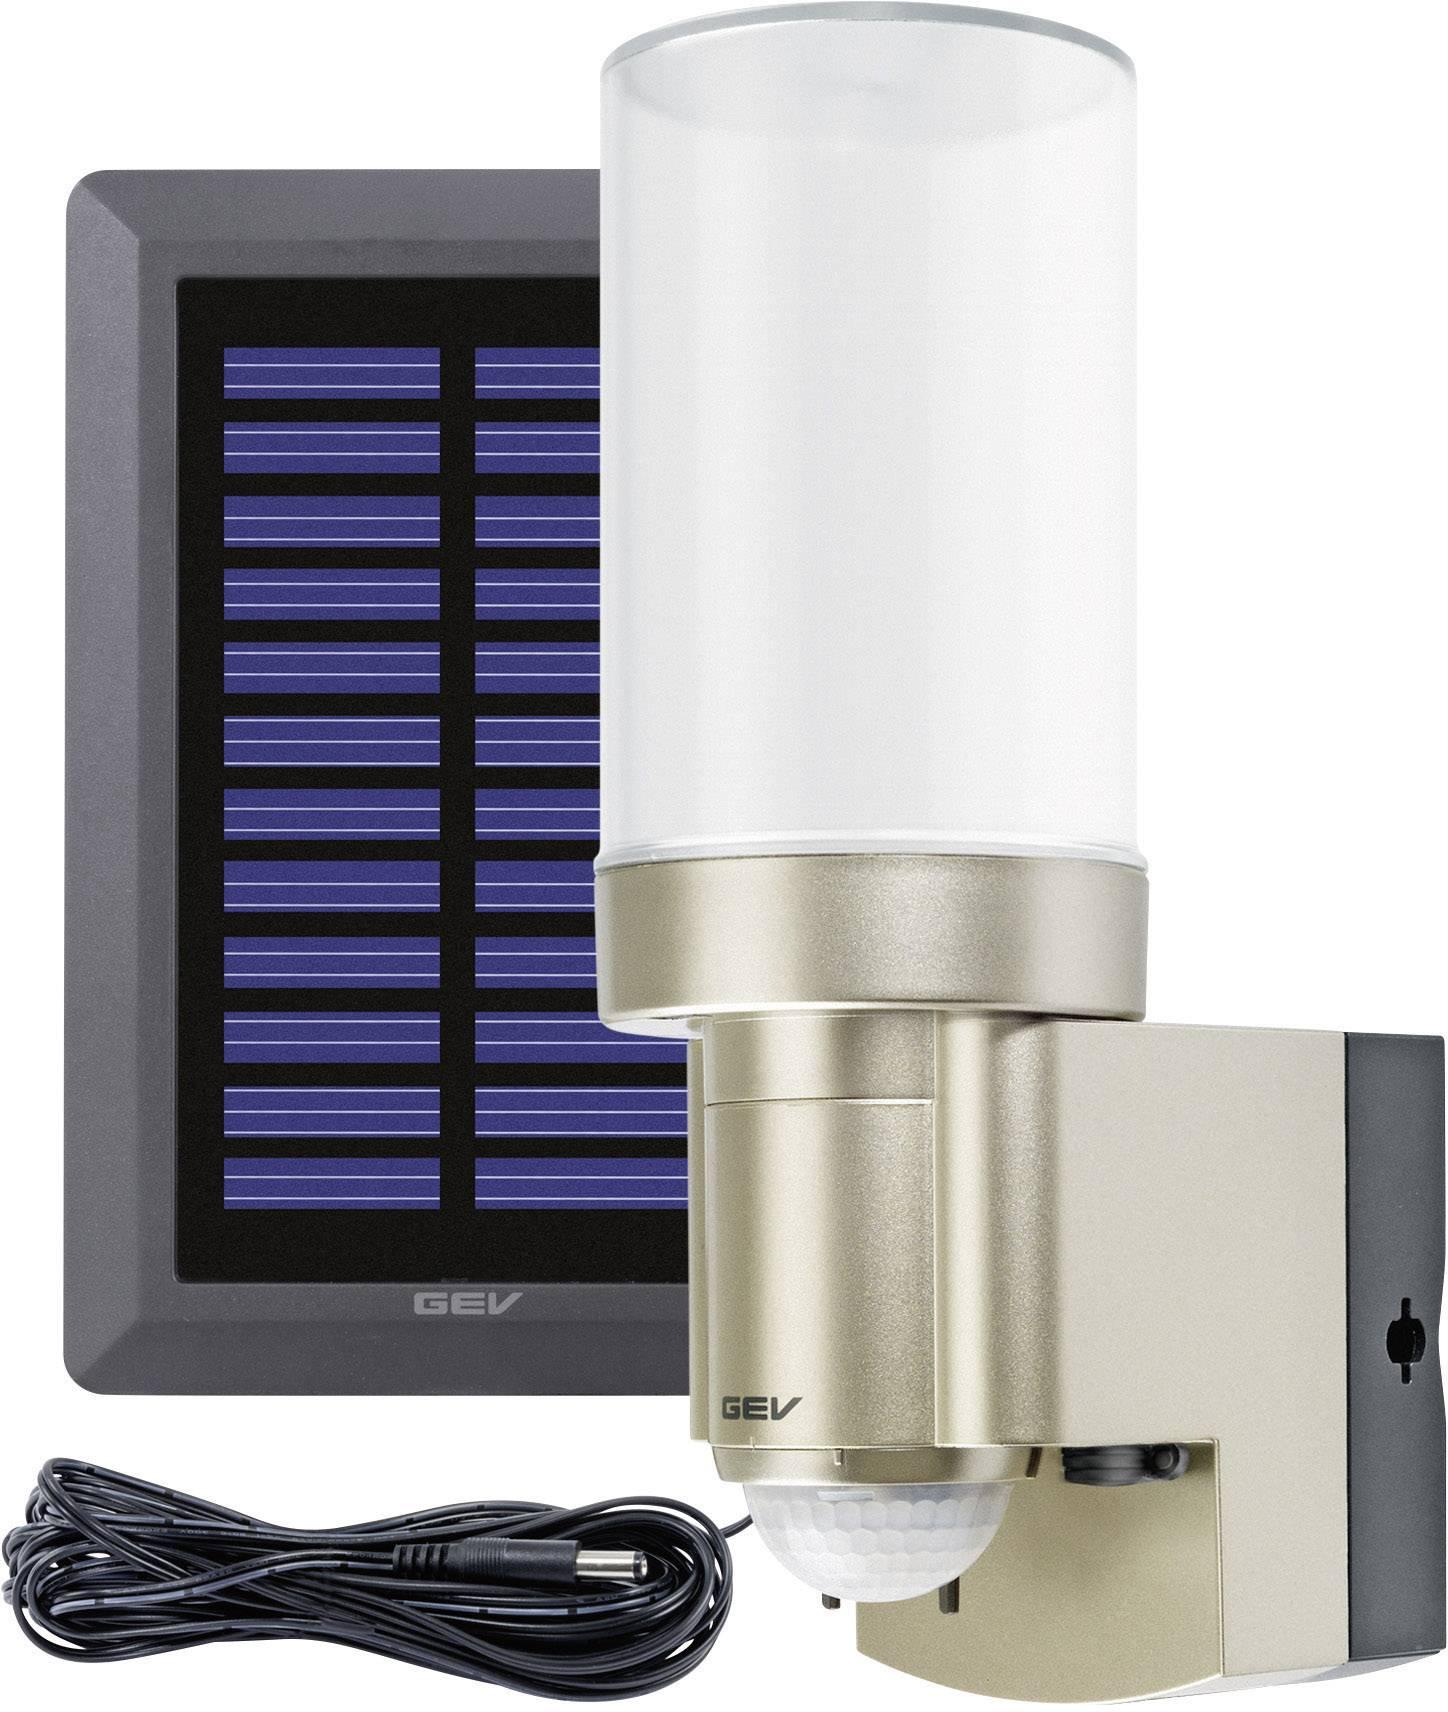 Vonkajšie solárne nástenné osvetlenie s PIR senzorom 3 W denné svetlo GEV 014831 LPL 14831 nerezová oceľ